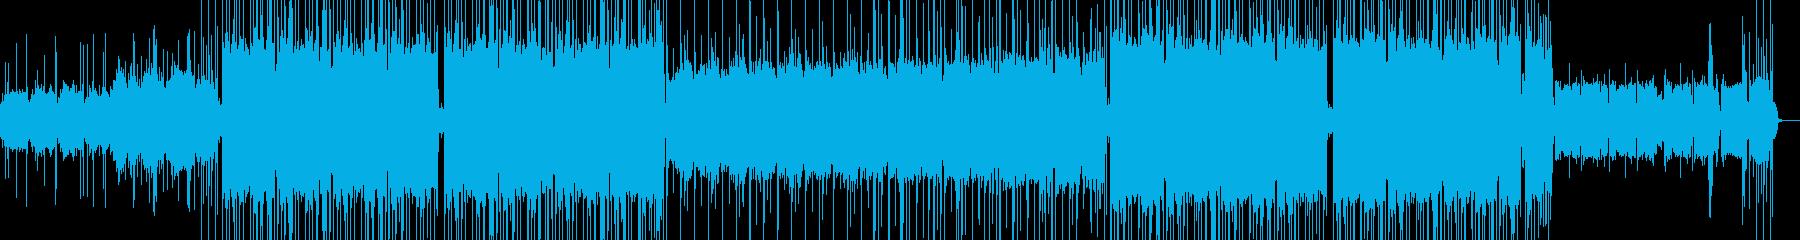 フィルターがかったLoFiヒップホップの再生済みの波形